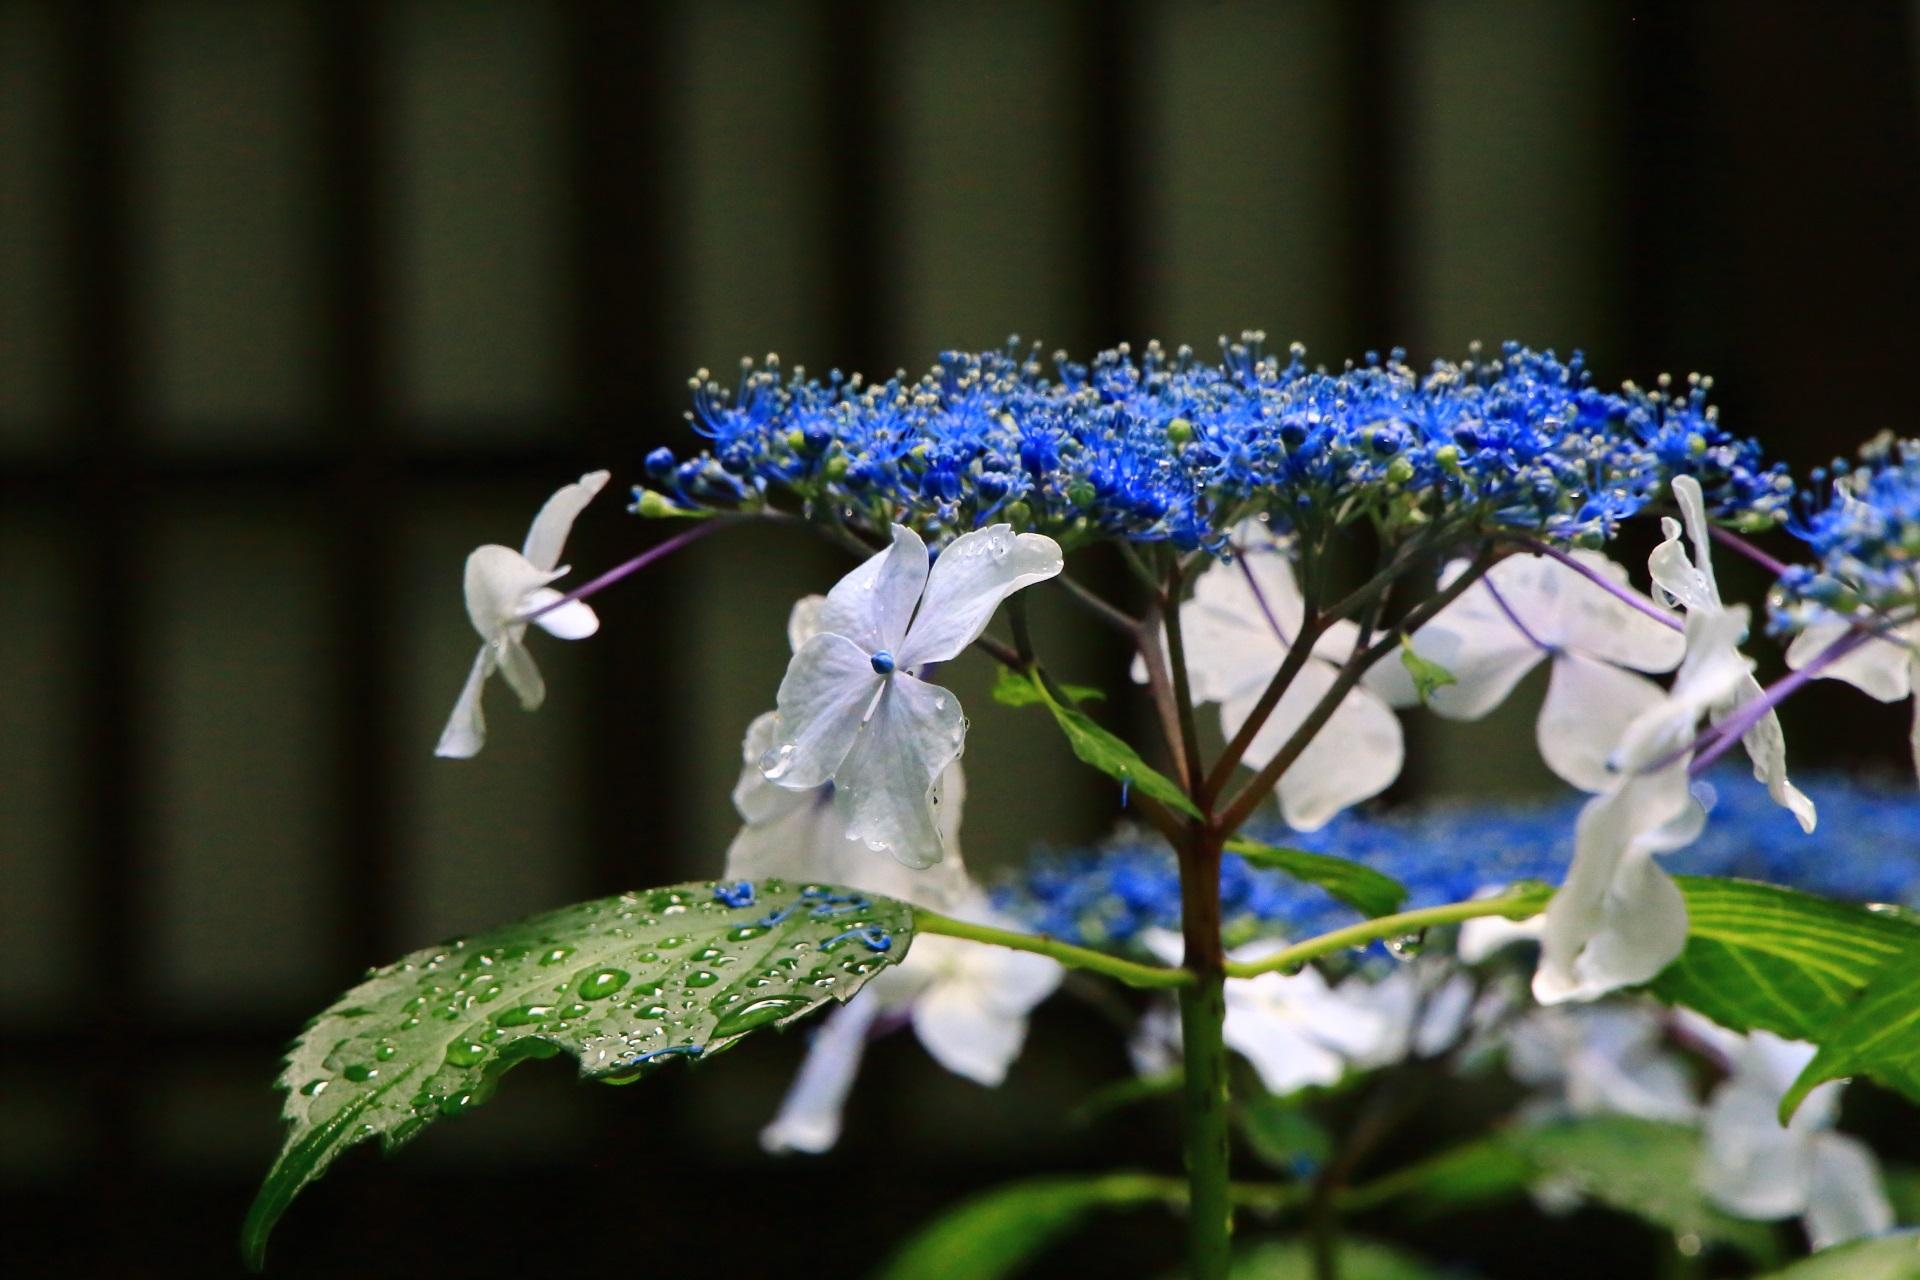 雨水で潤う青系の額紫陽花(ガクアジサイ)